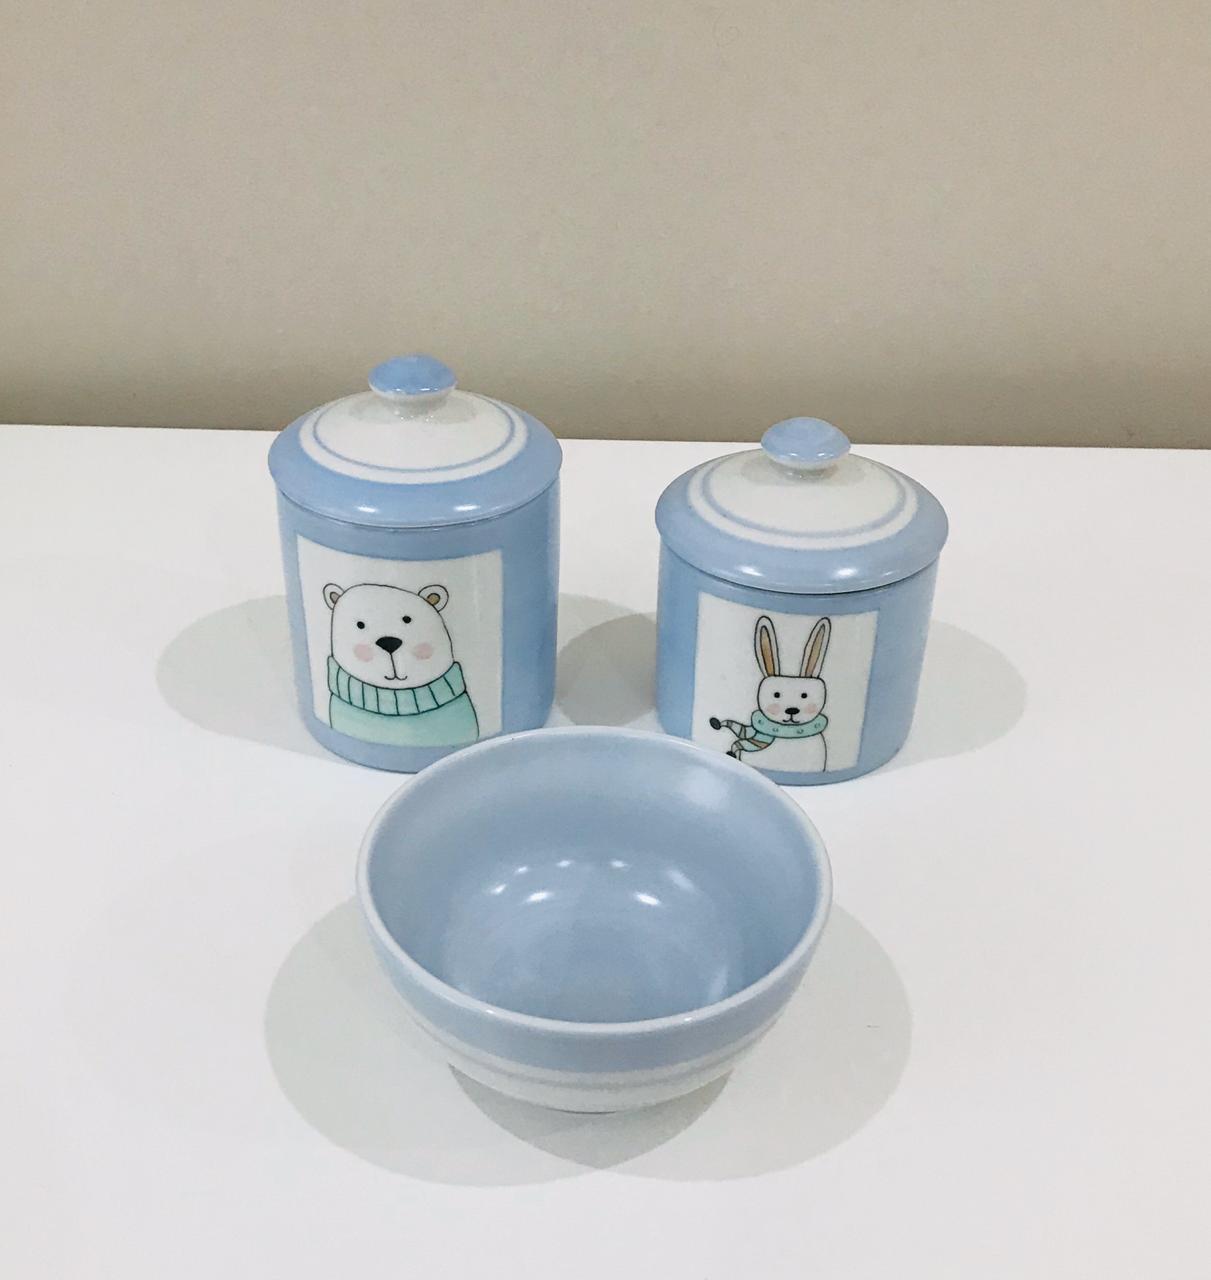 Kit de Higiene Animais Azul Claro com Branco - 3 Peças